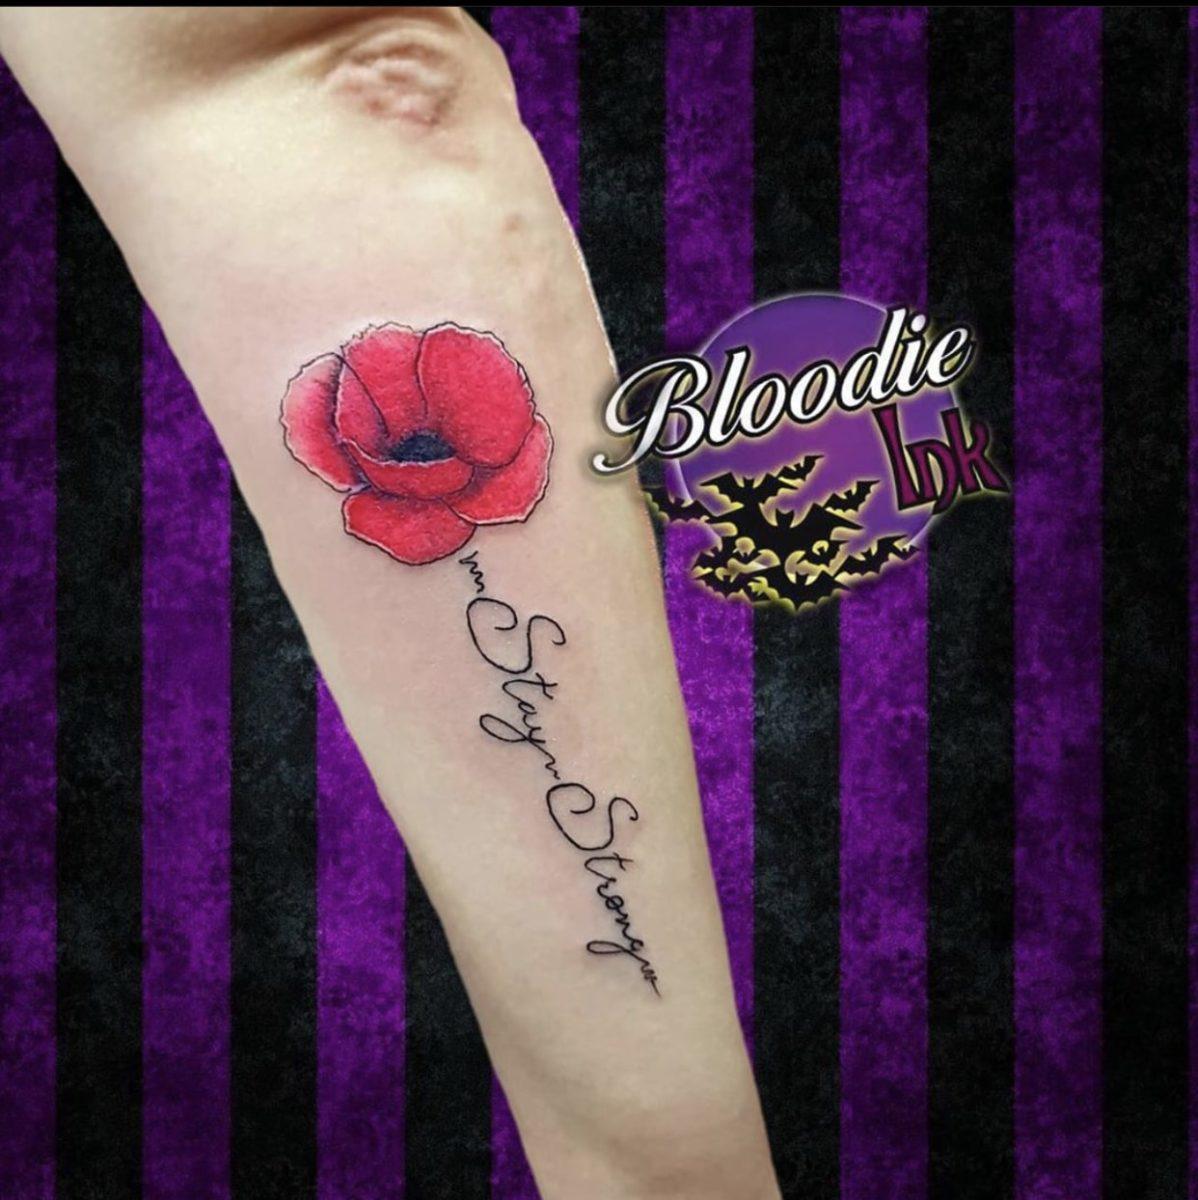 bloodie-ink-rose